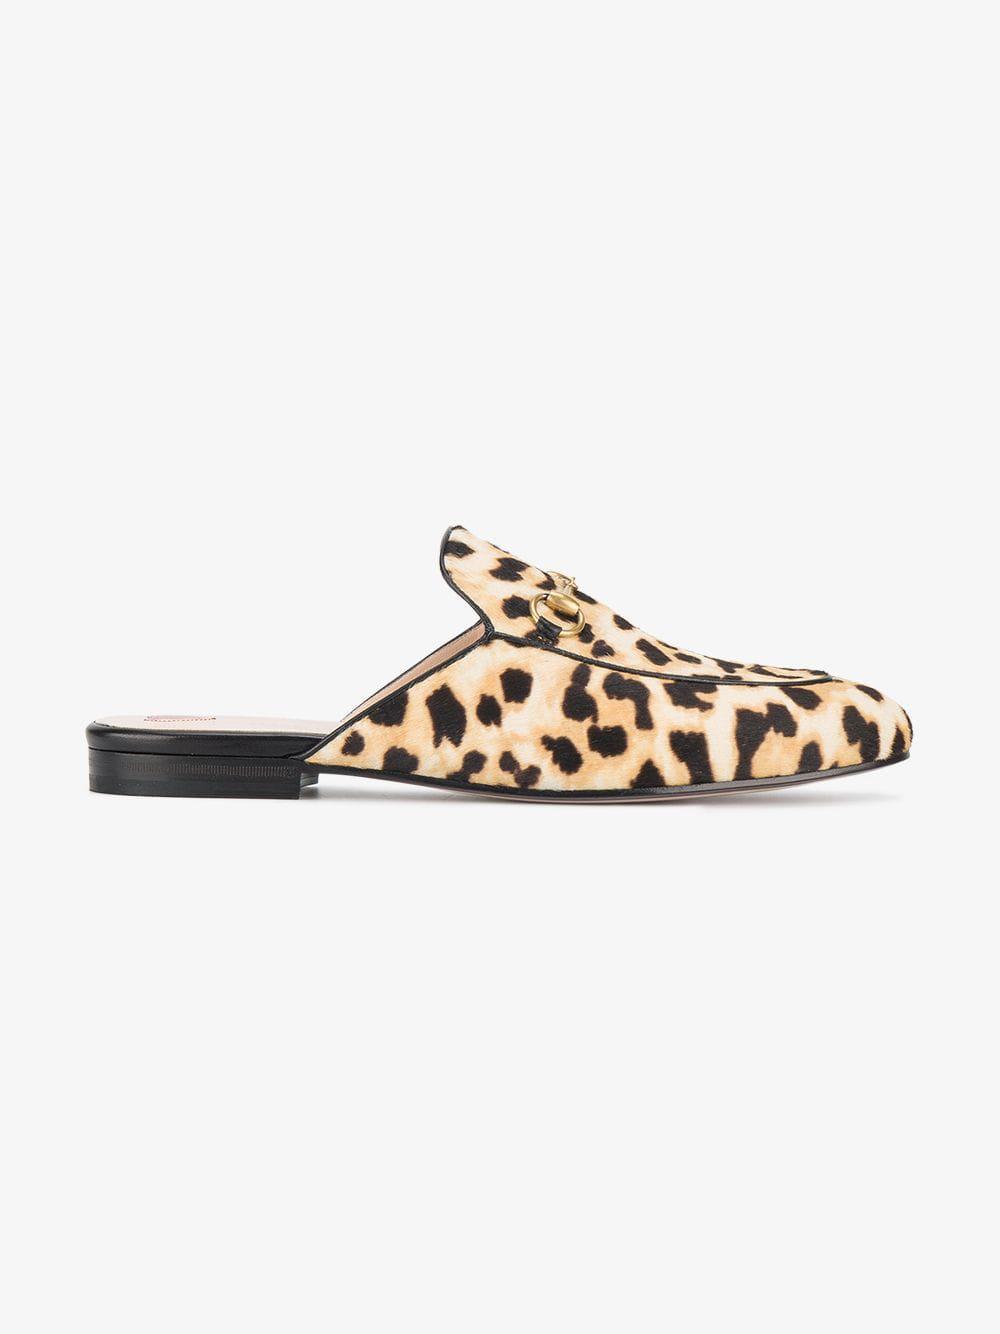 e22cbb5d548 Lyst - Gucci Princetown Leopard Calf Hair Slipper - Save 7%